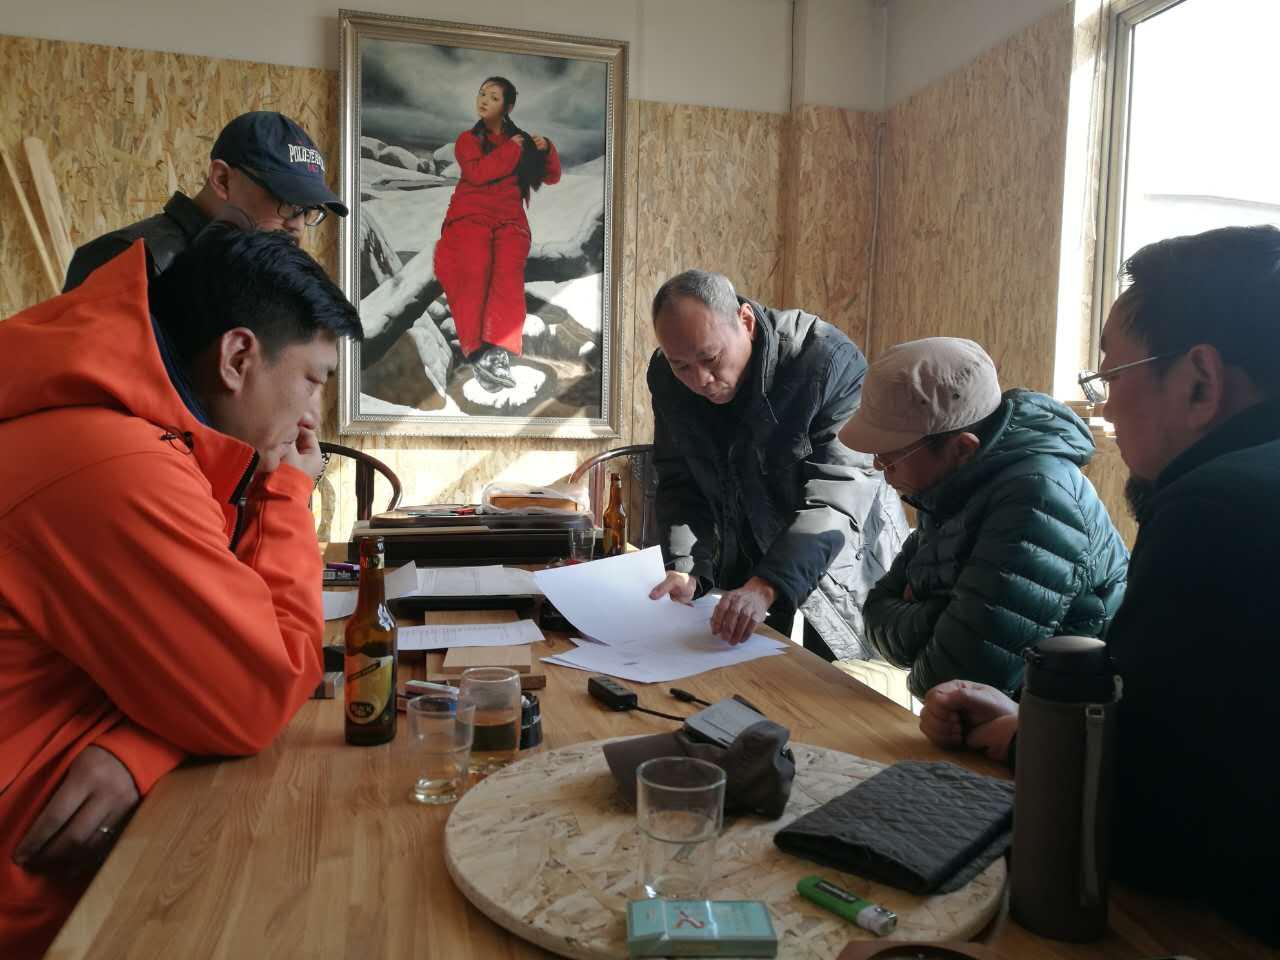 帆船,天津,项目,联系方式,新闻稿 天津DIY帆船TR68项目年后筹备工作如火如荼,开工仪式邀您参加!